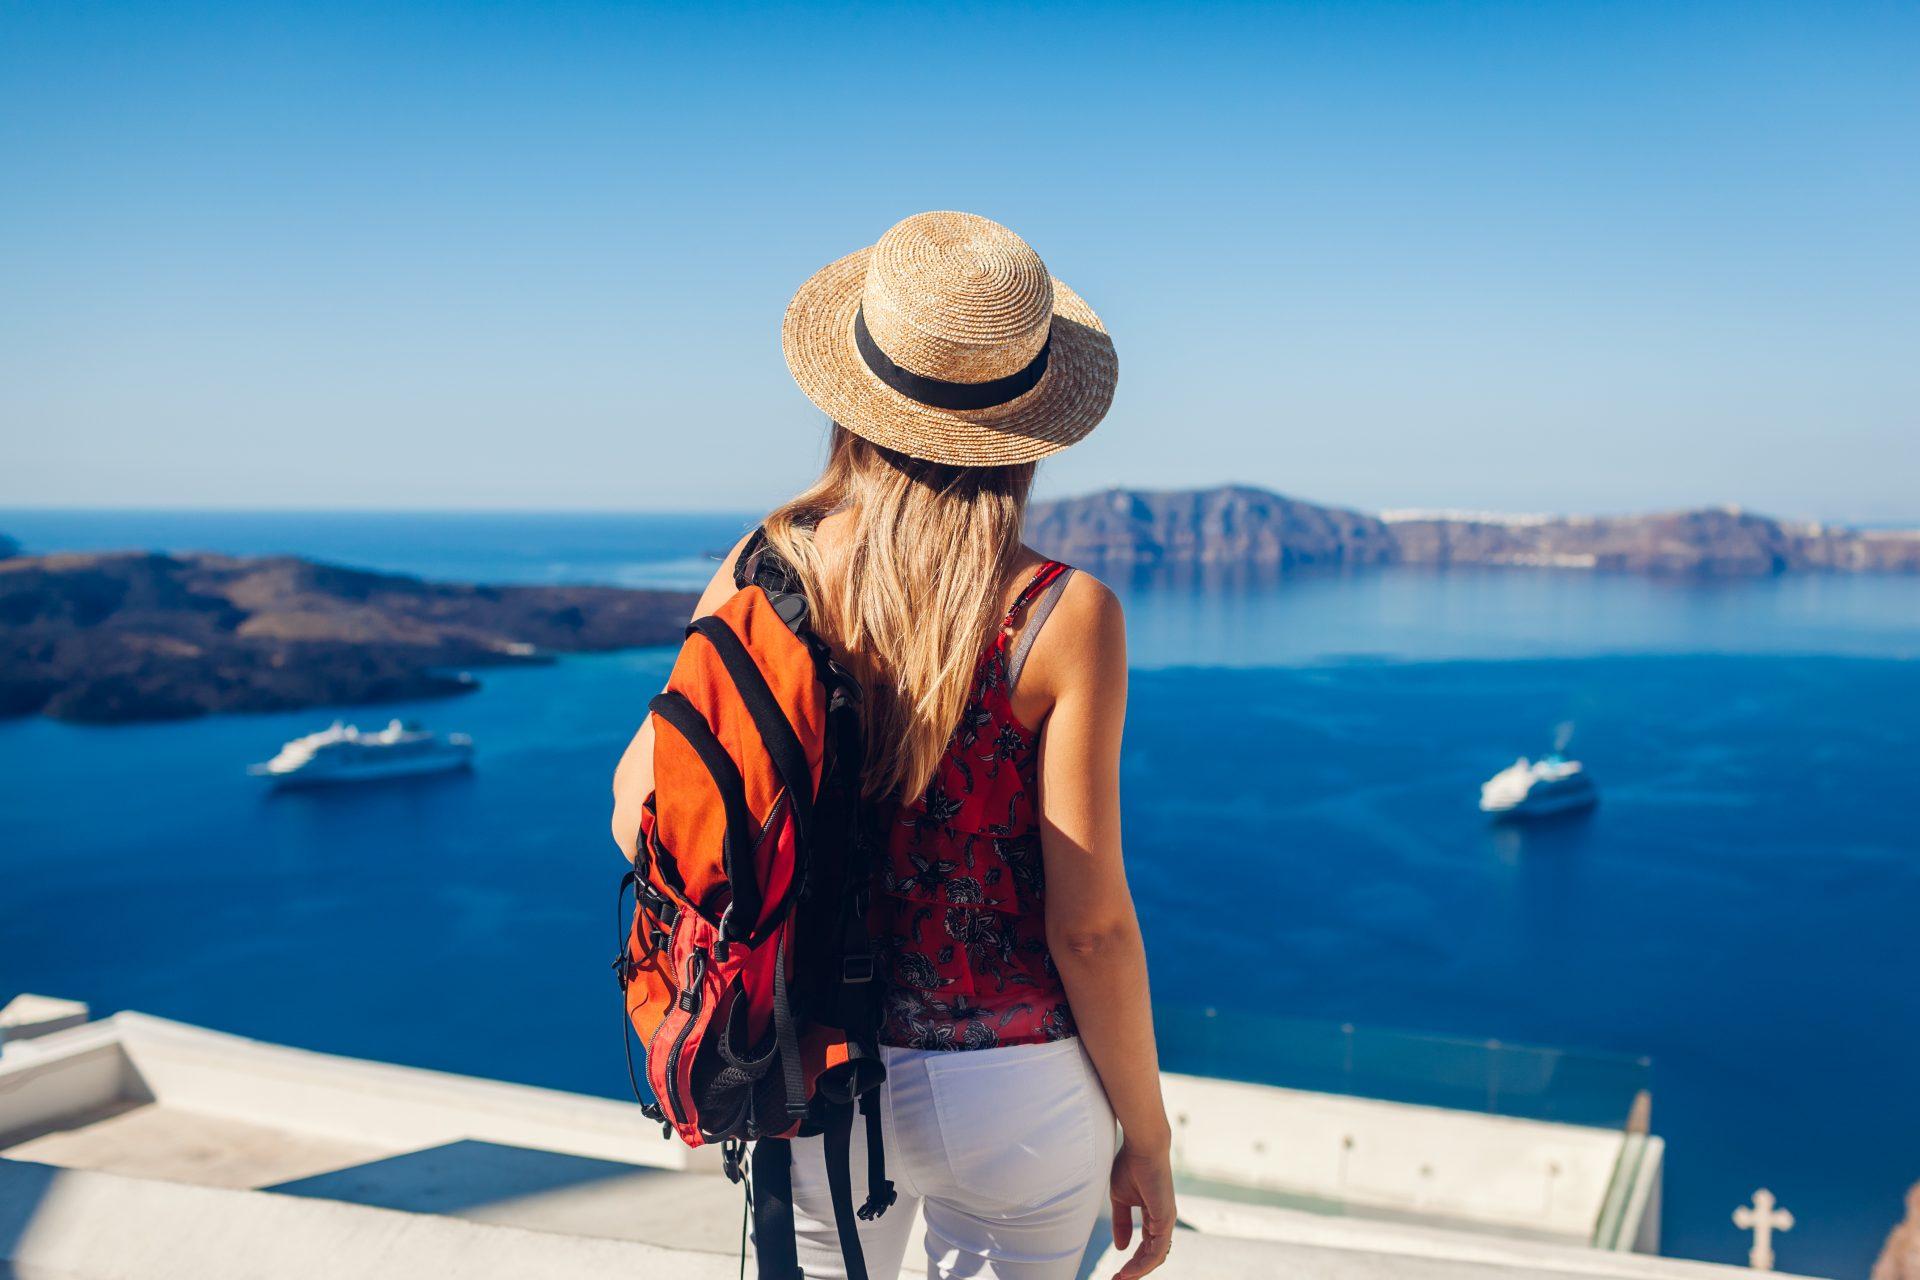 ragazza che guarda il mare, vacanze per single